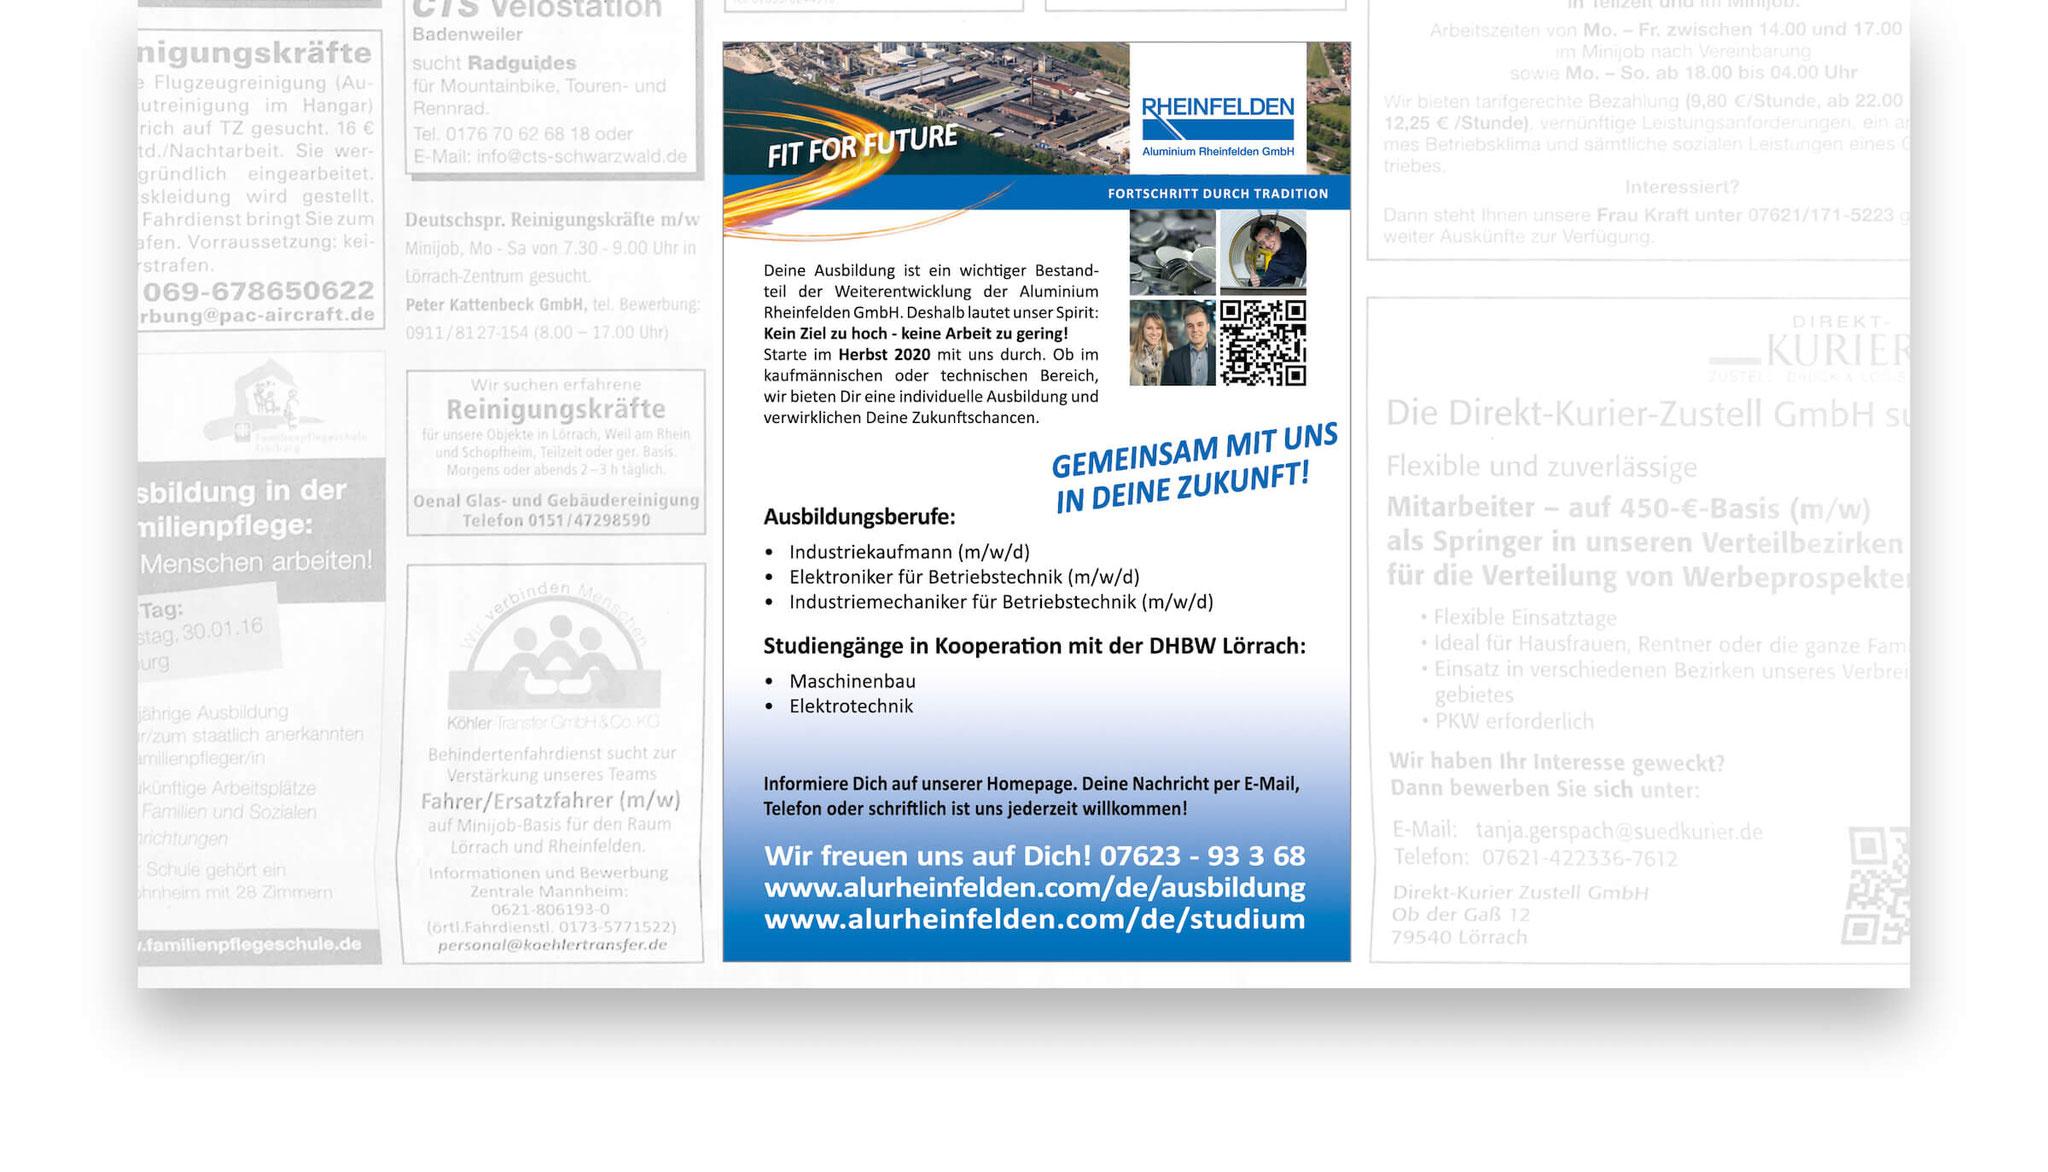 Ausbildungsanzeige für die Aluminium Rheinfelden GmbH.